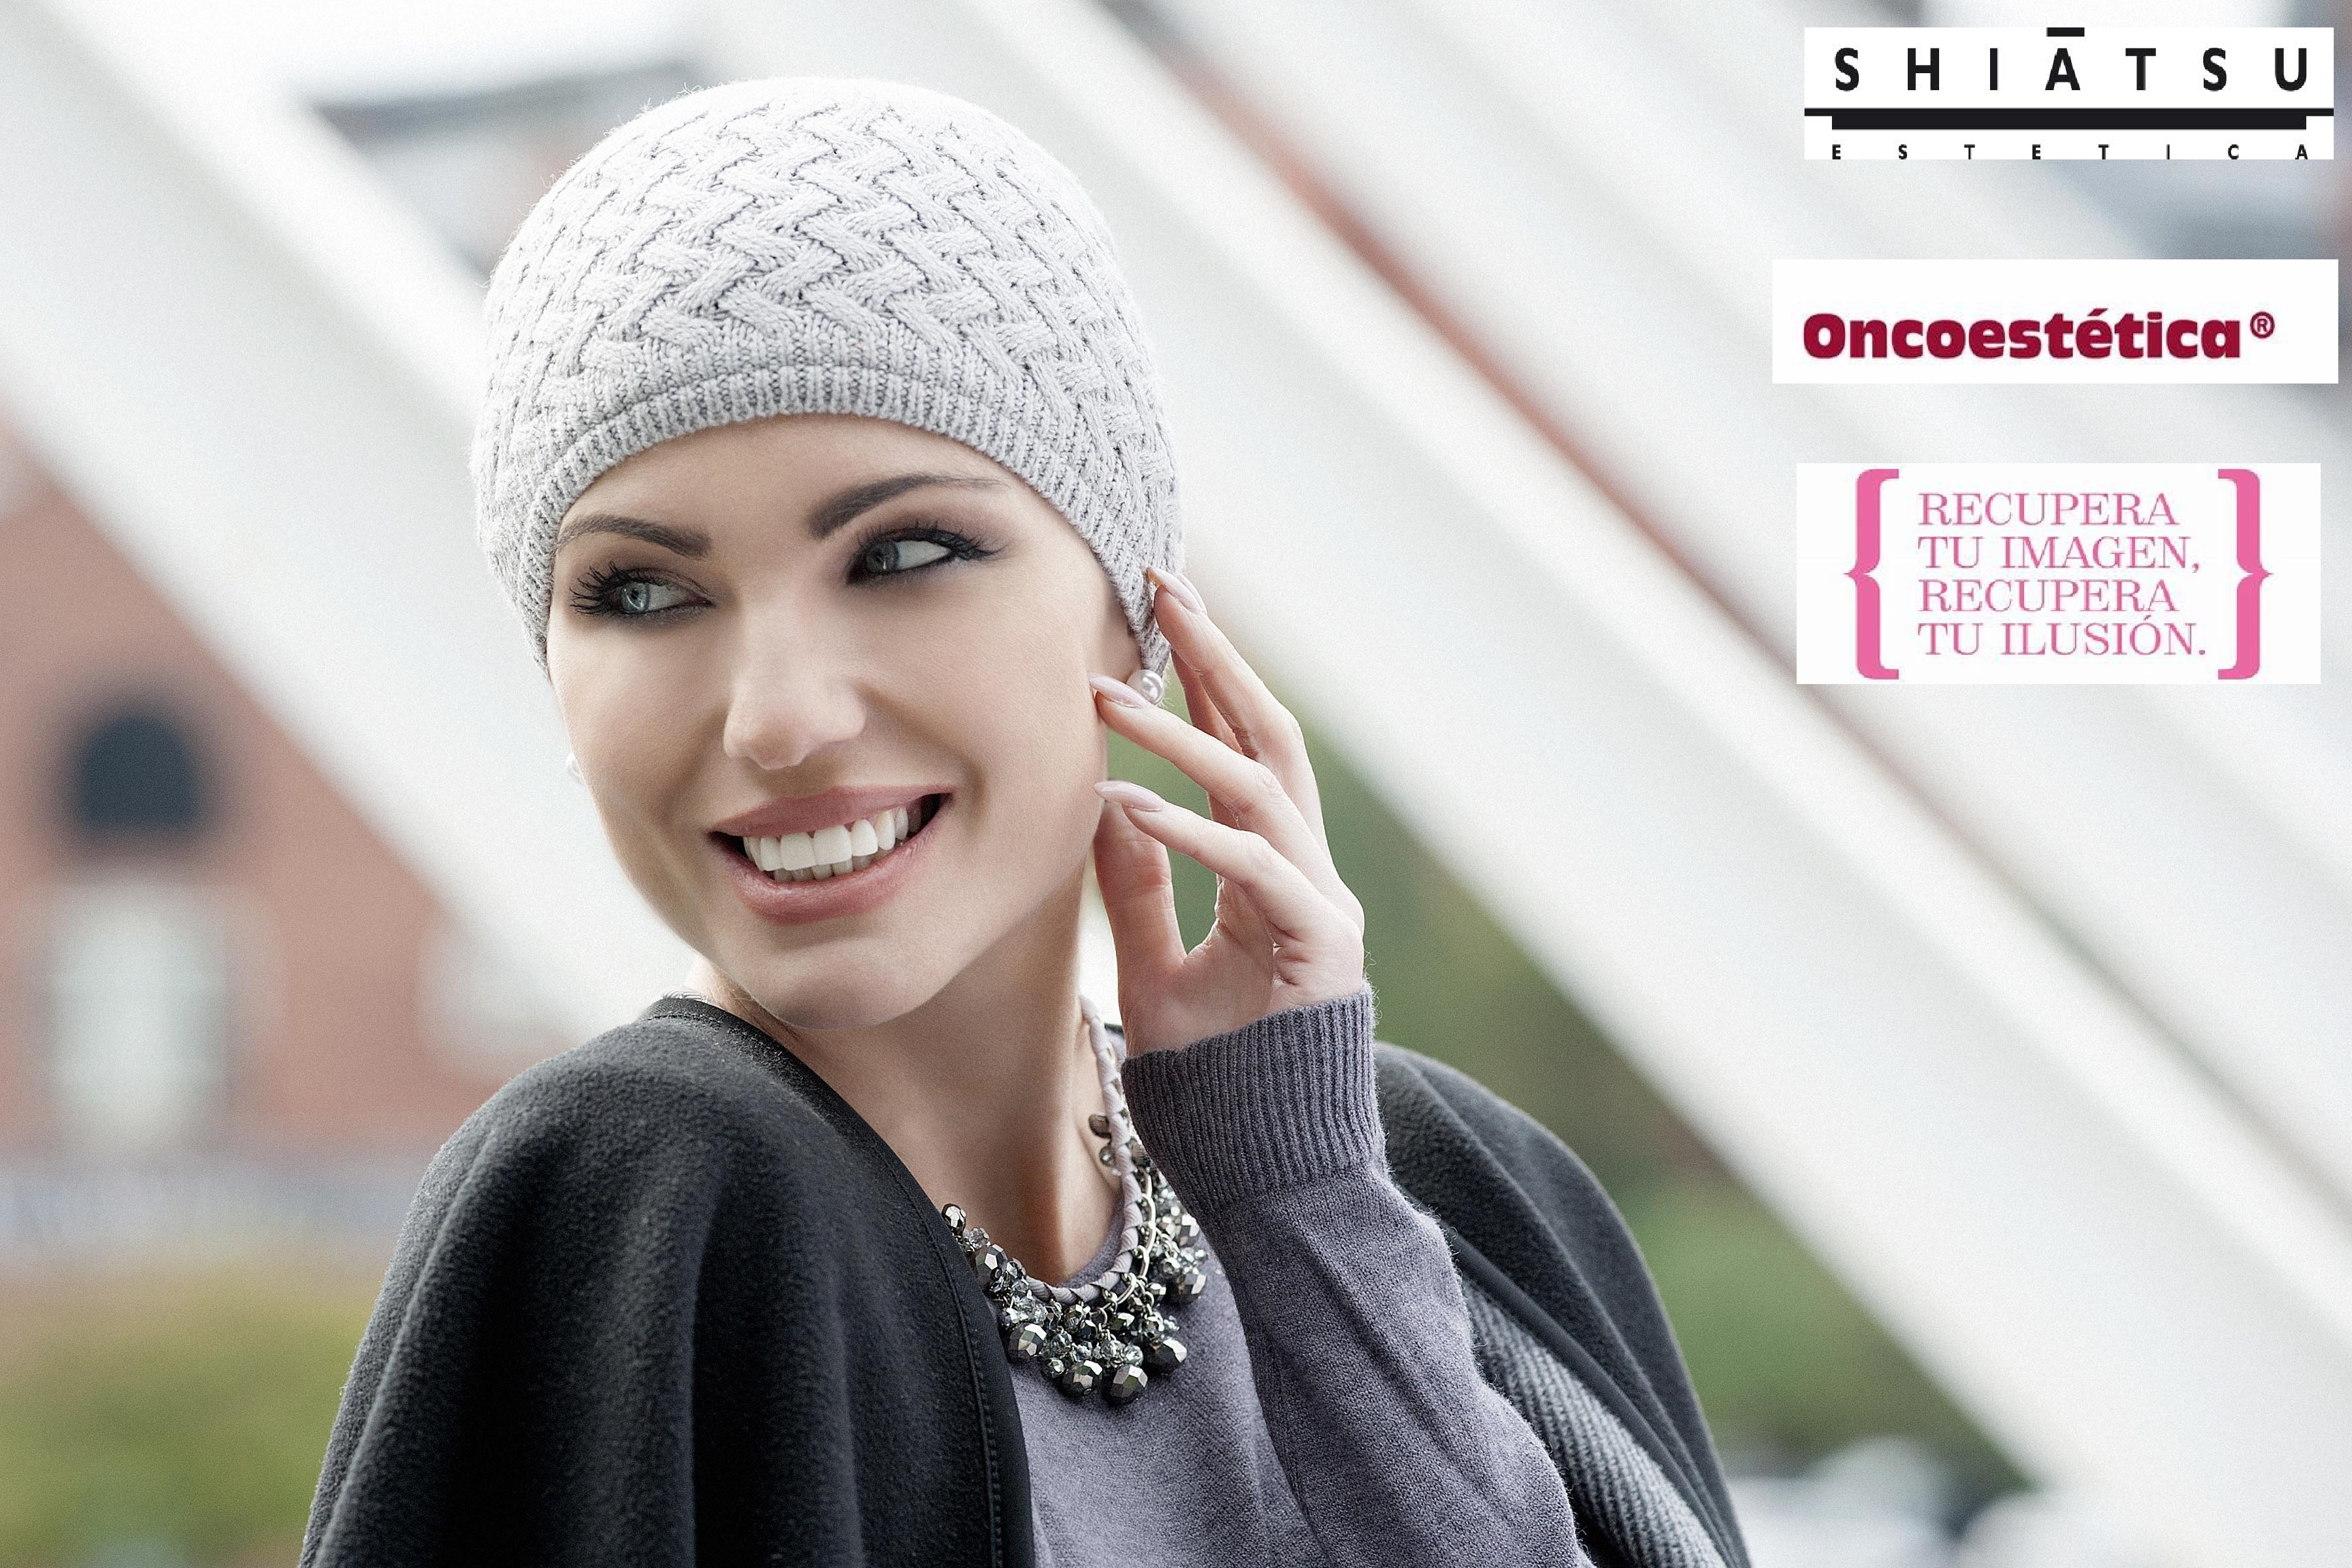 Oncoestética